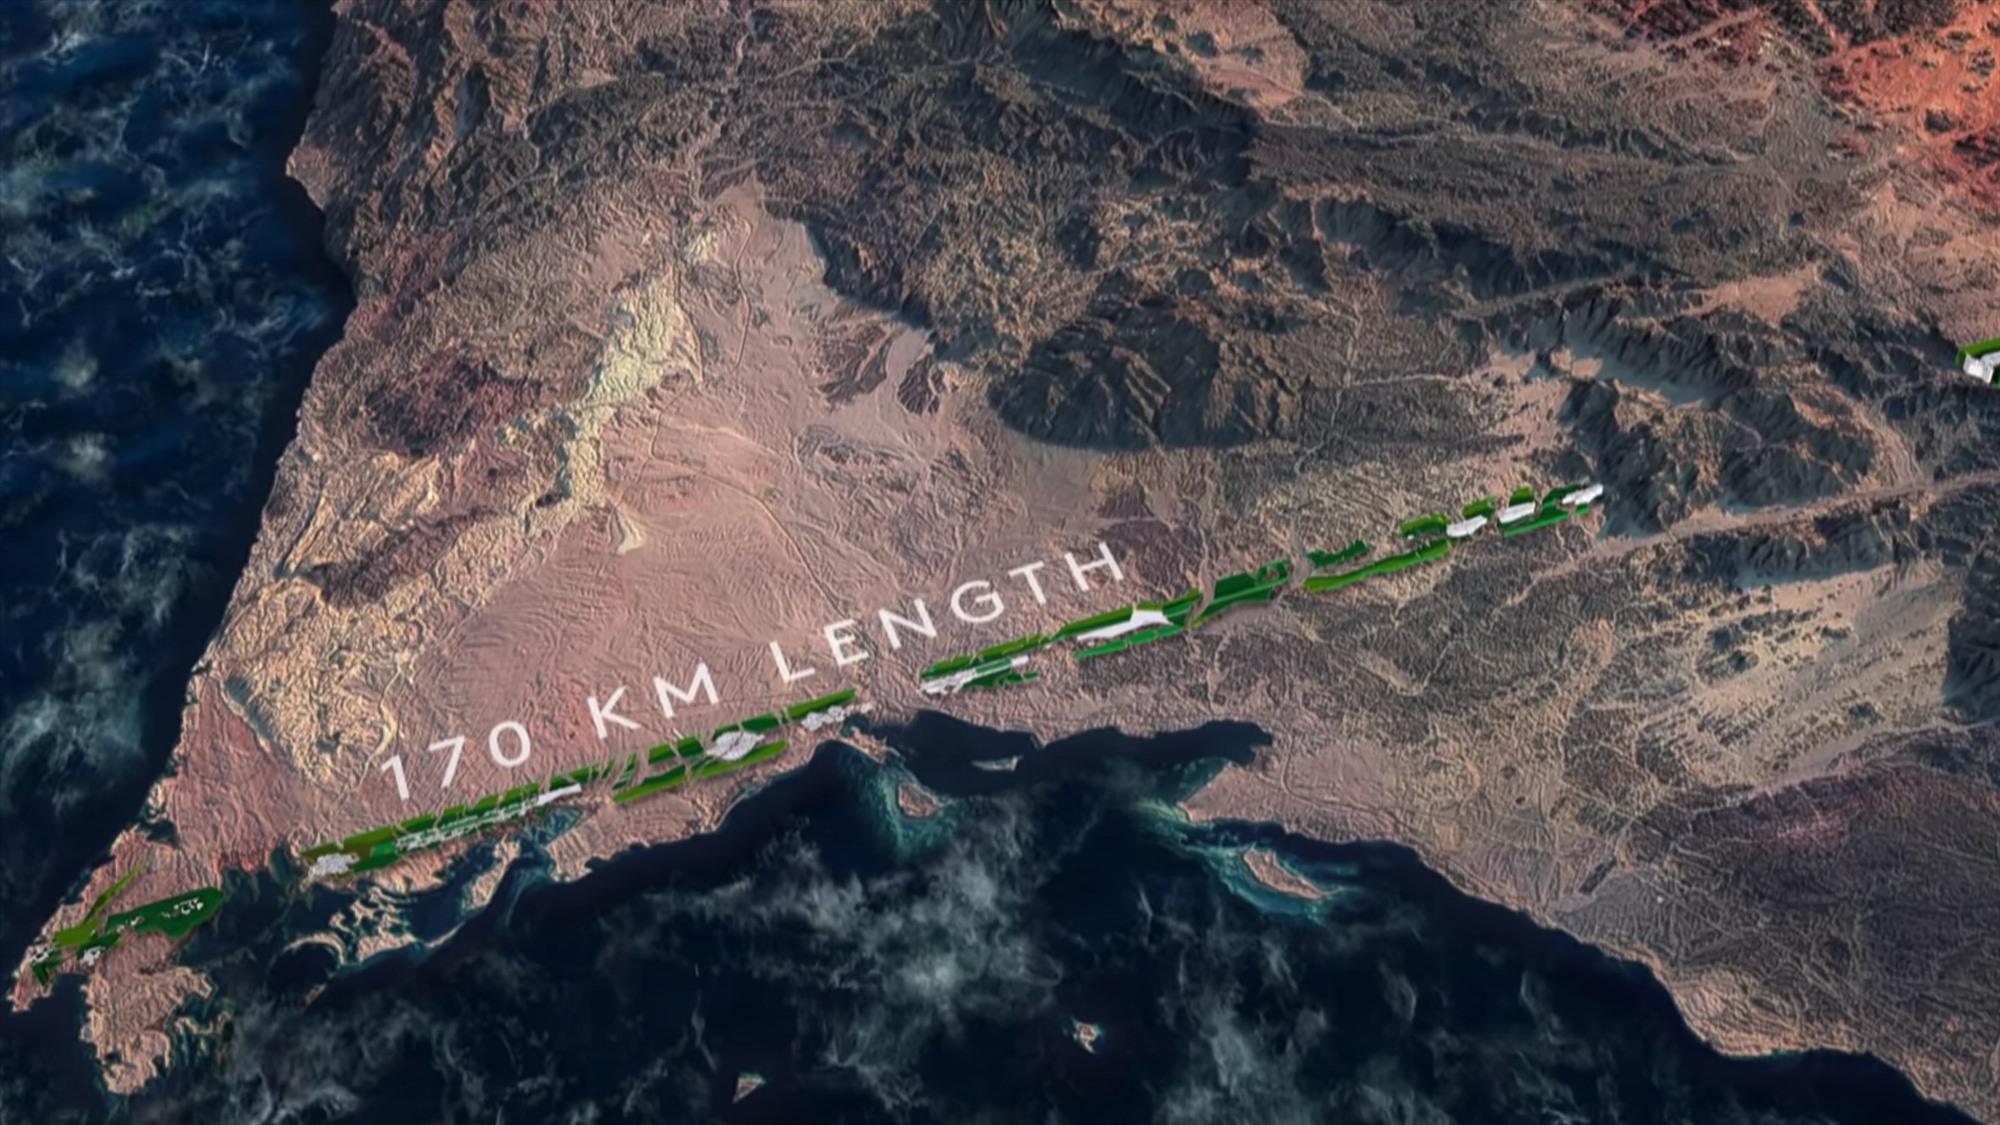 Với chiều dài 170km, The Line sẽ không có ô tô và các tuyến xe đường dài. Ảnh: dezeen.com